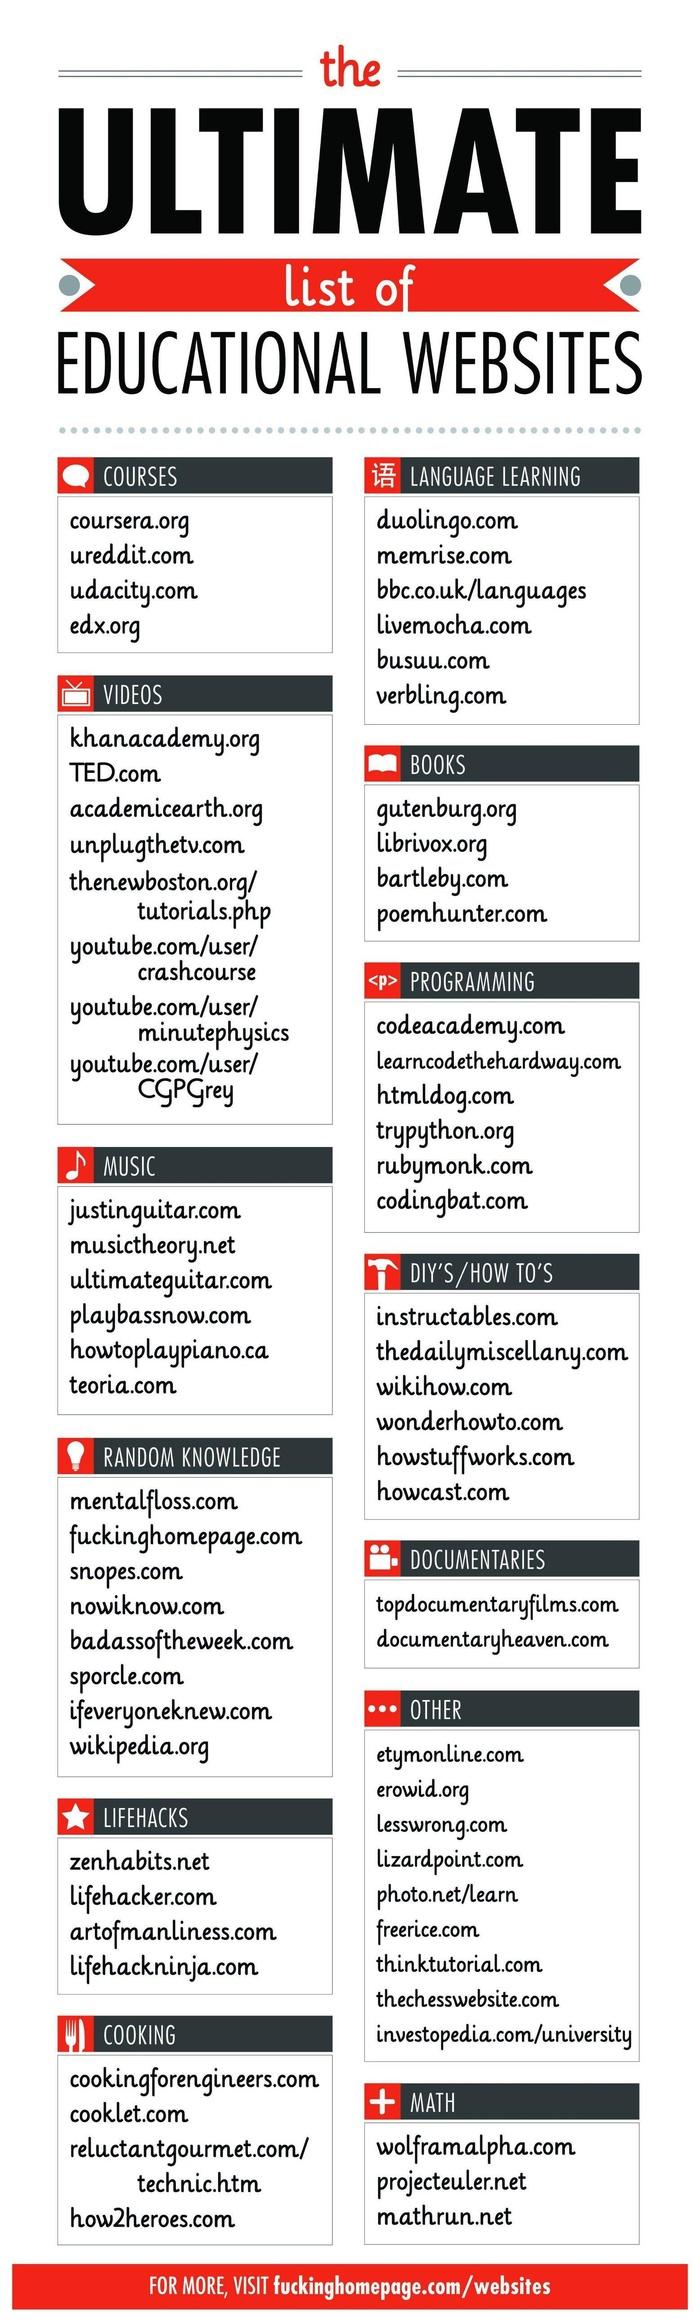 Une liste de site Web éducationnels